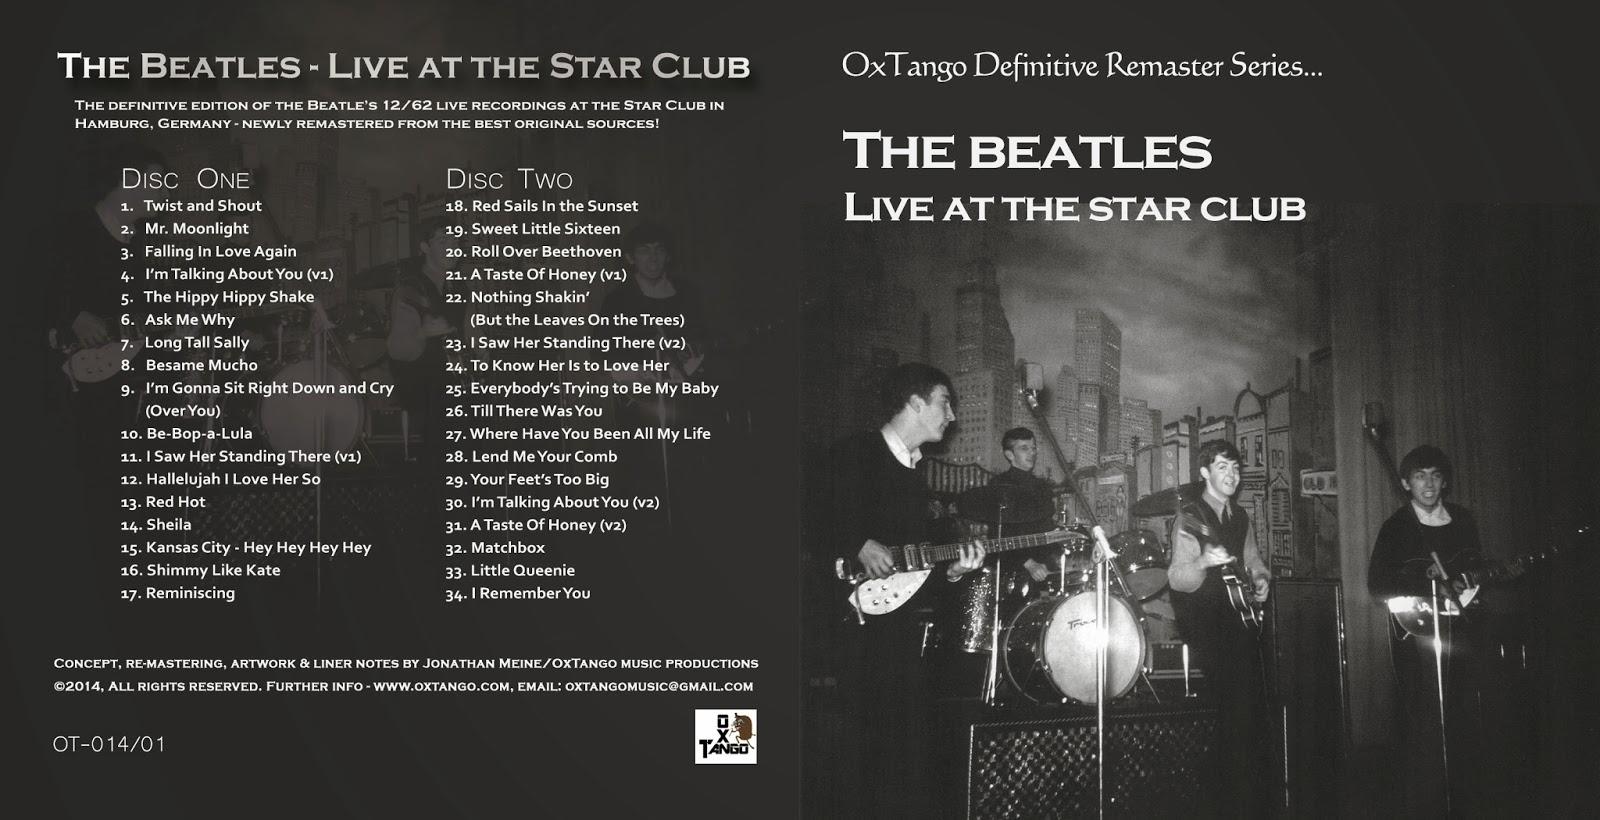 """The Beatles Polska: Nowe wydanie płyty the Beatles """"Star Club"""" produkcji OxTango Music"""